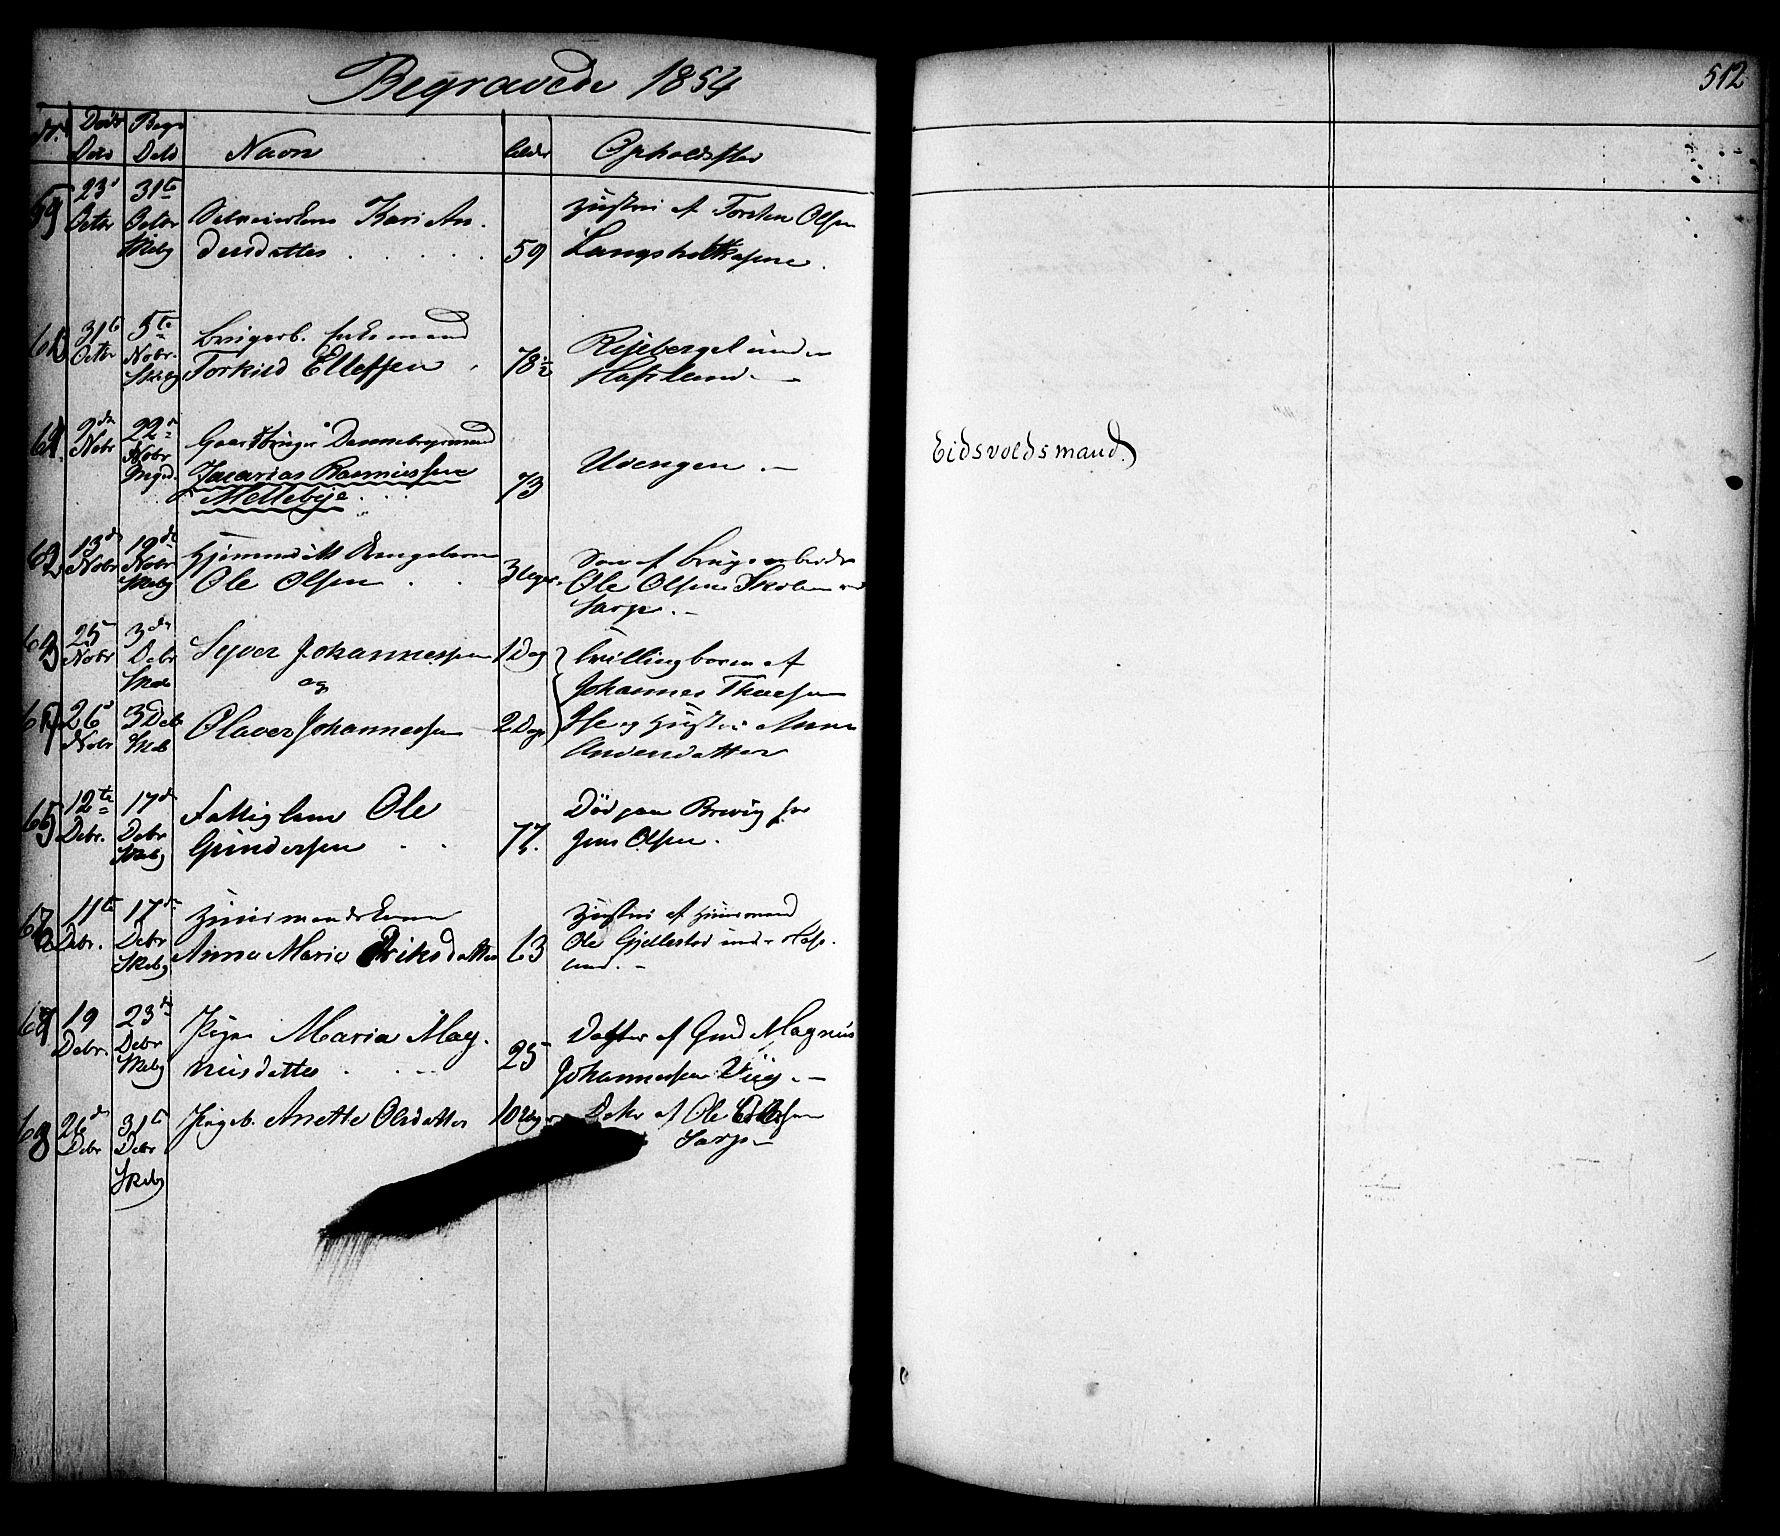 SAO, Skjeberg prestekontor Kirkebøker, F/Fa/L0006: Ministerialbok nr. I 6, 1846-1858, s. 512